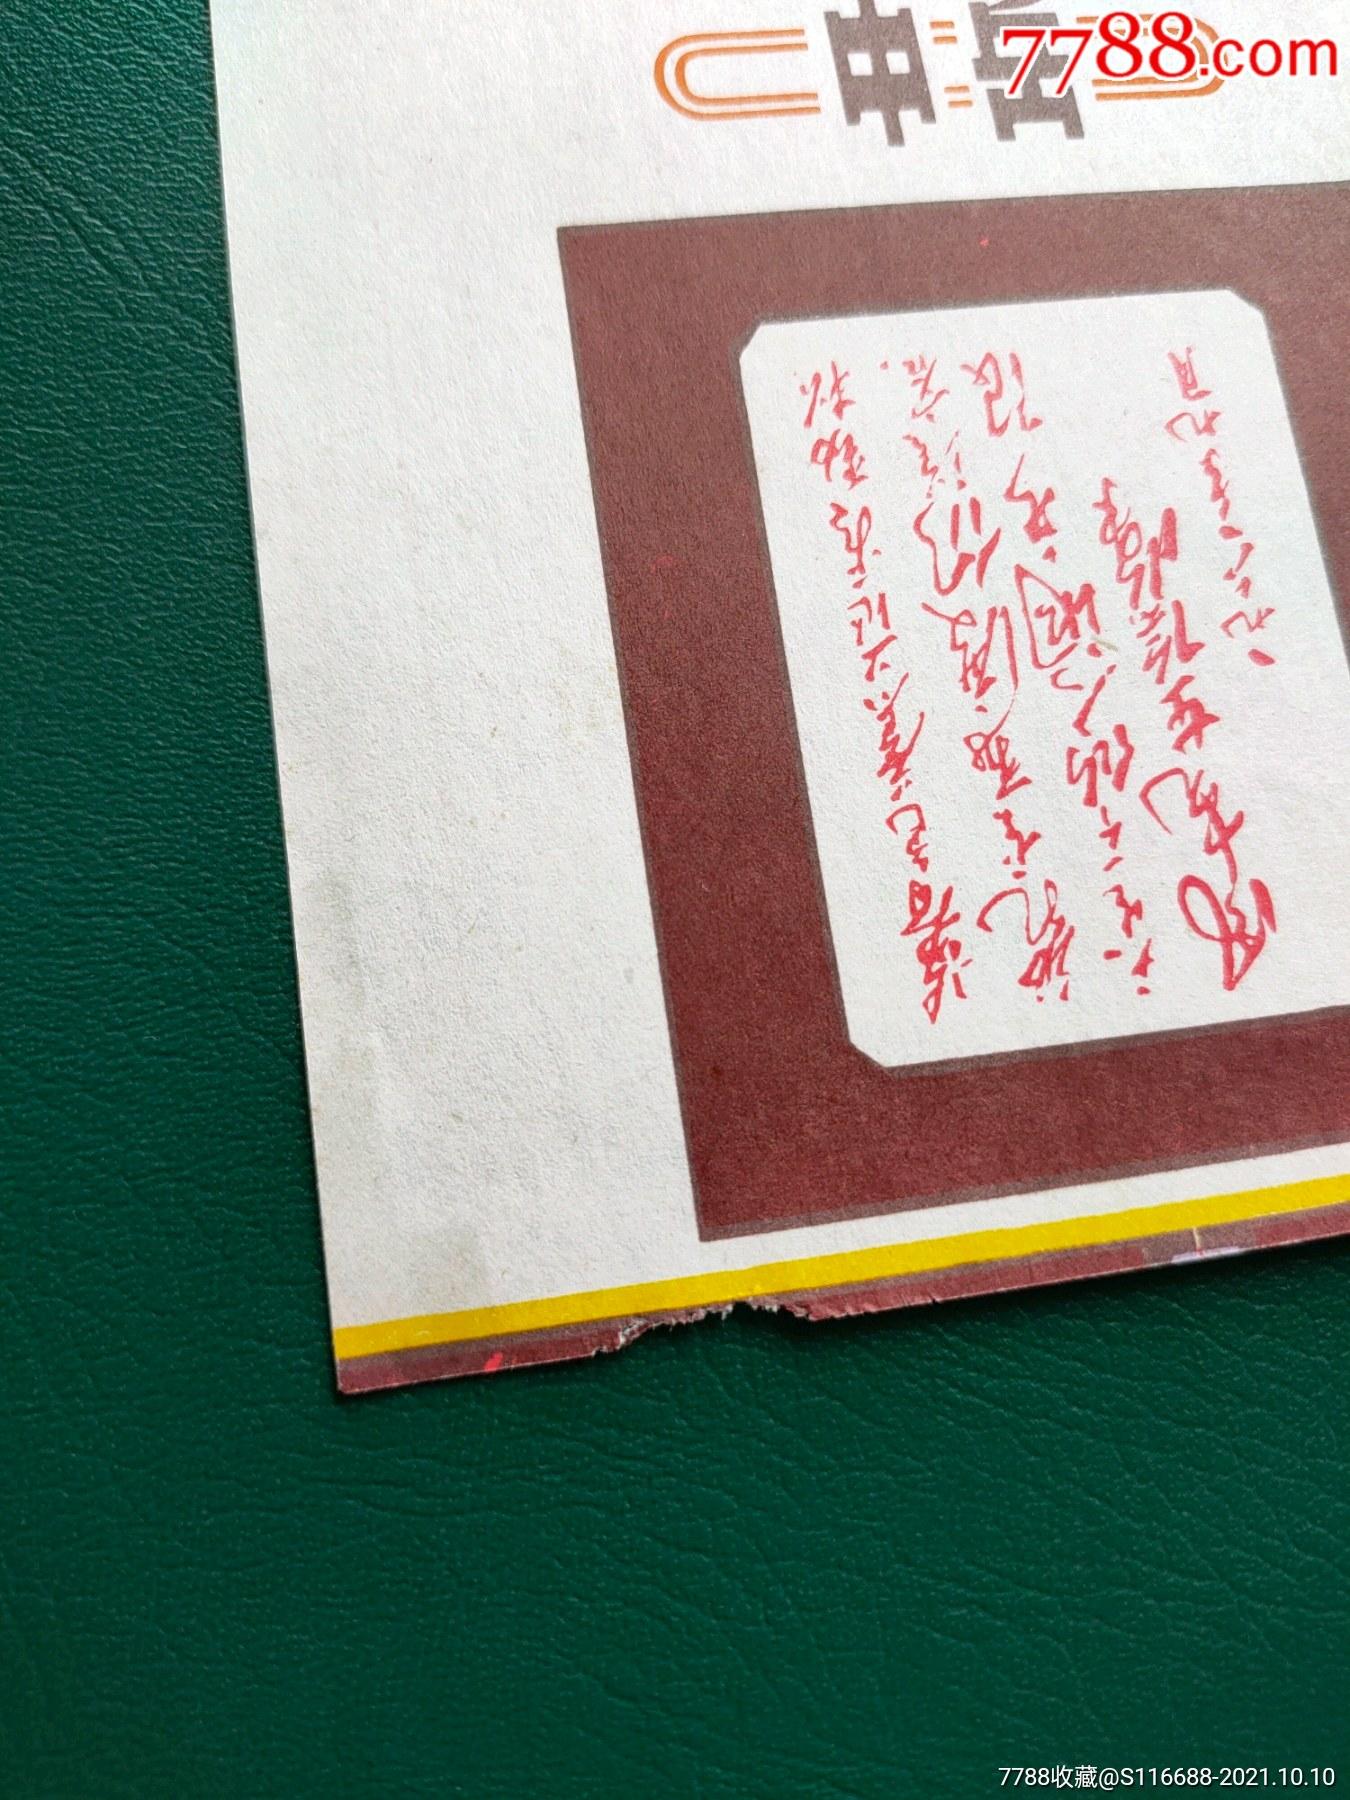 中岳牌【登封烟厂出品】_价格241元_第3张_